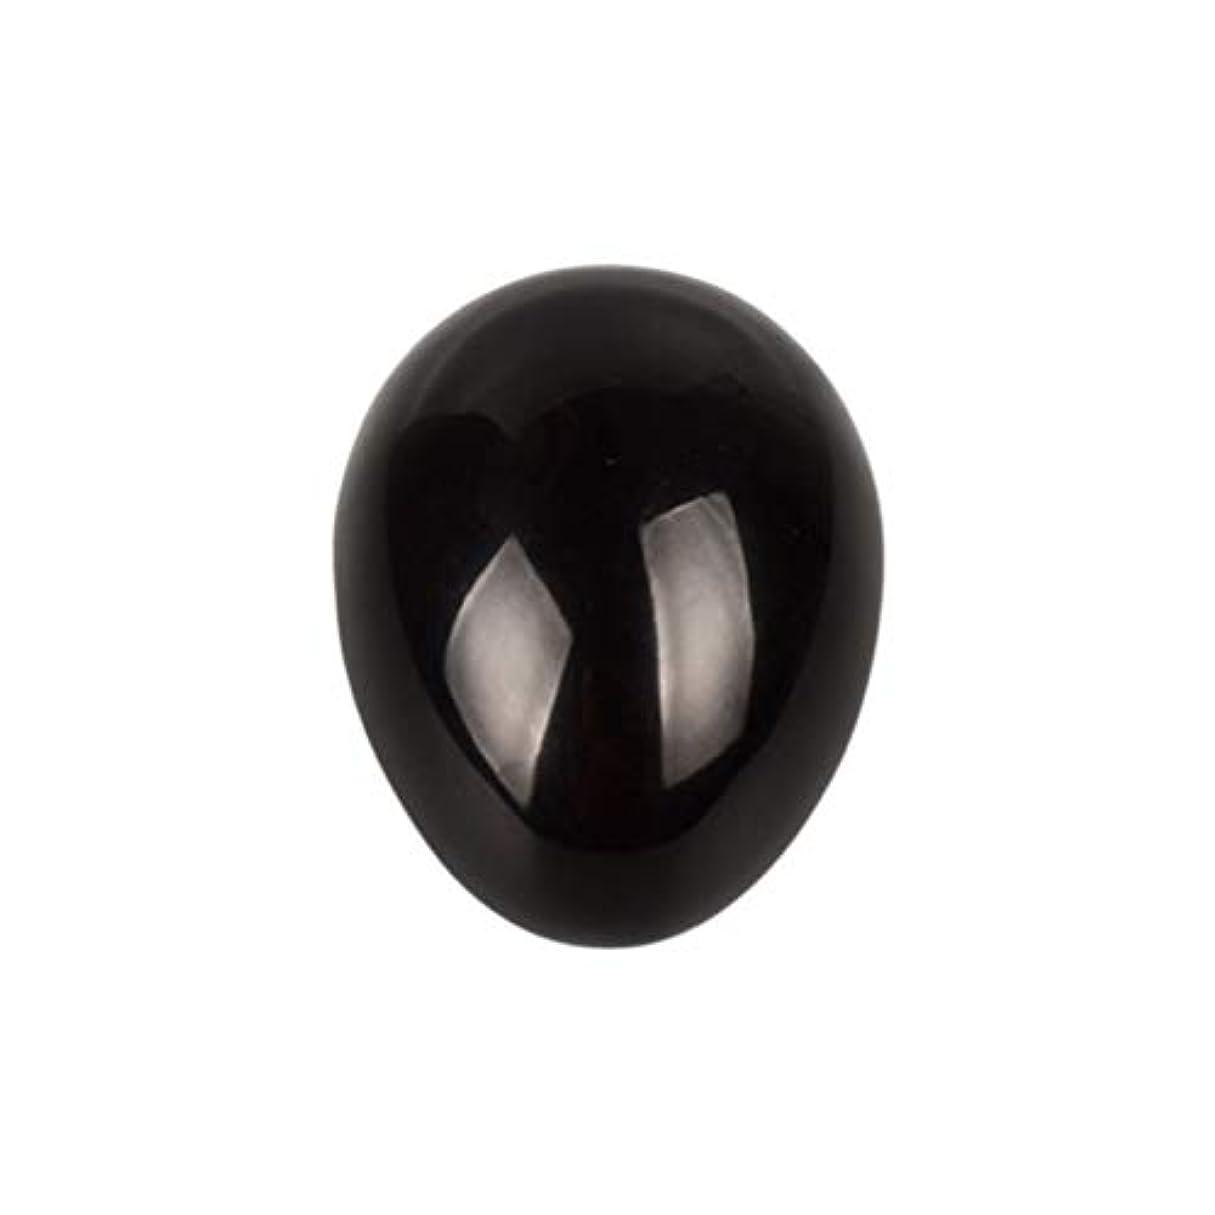 遅い東方レガシーHEALIFTY 黒曜石の癒し瞑想のための黒曜石の卵球